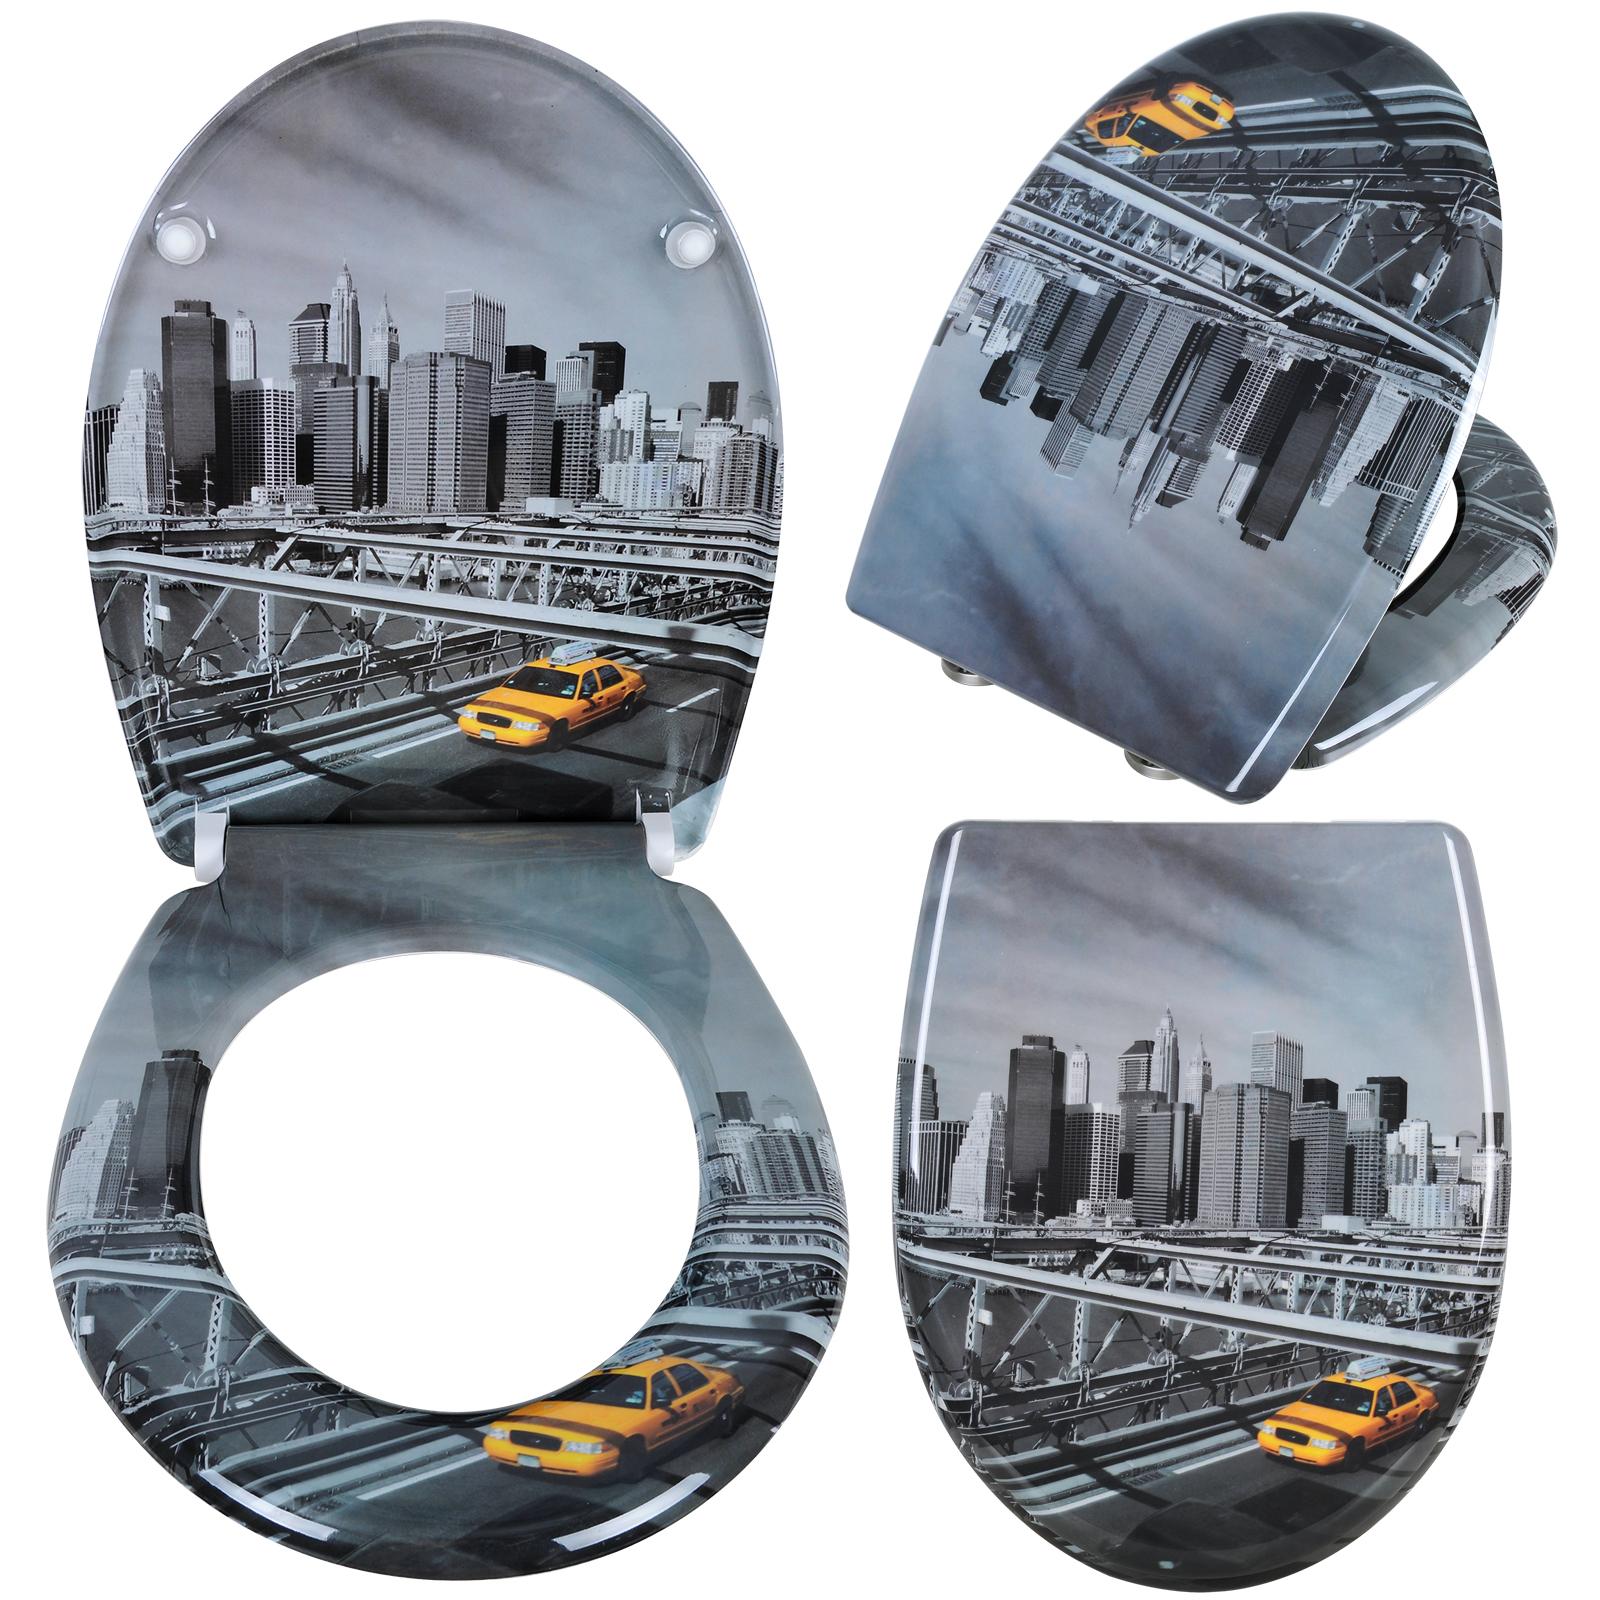 toilettensitz klodeckel wc sitz brille deckel toilettendeckel sitze schwarz 163 ebay. Black Bedroom Furniture Sets. Home Design Ideas